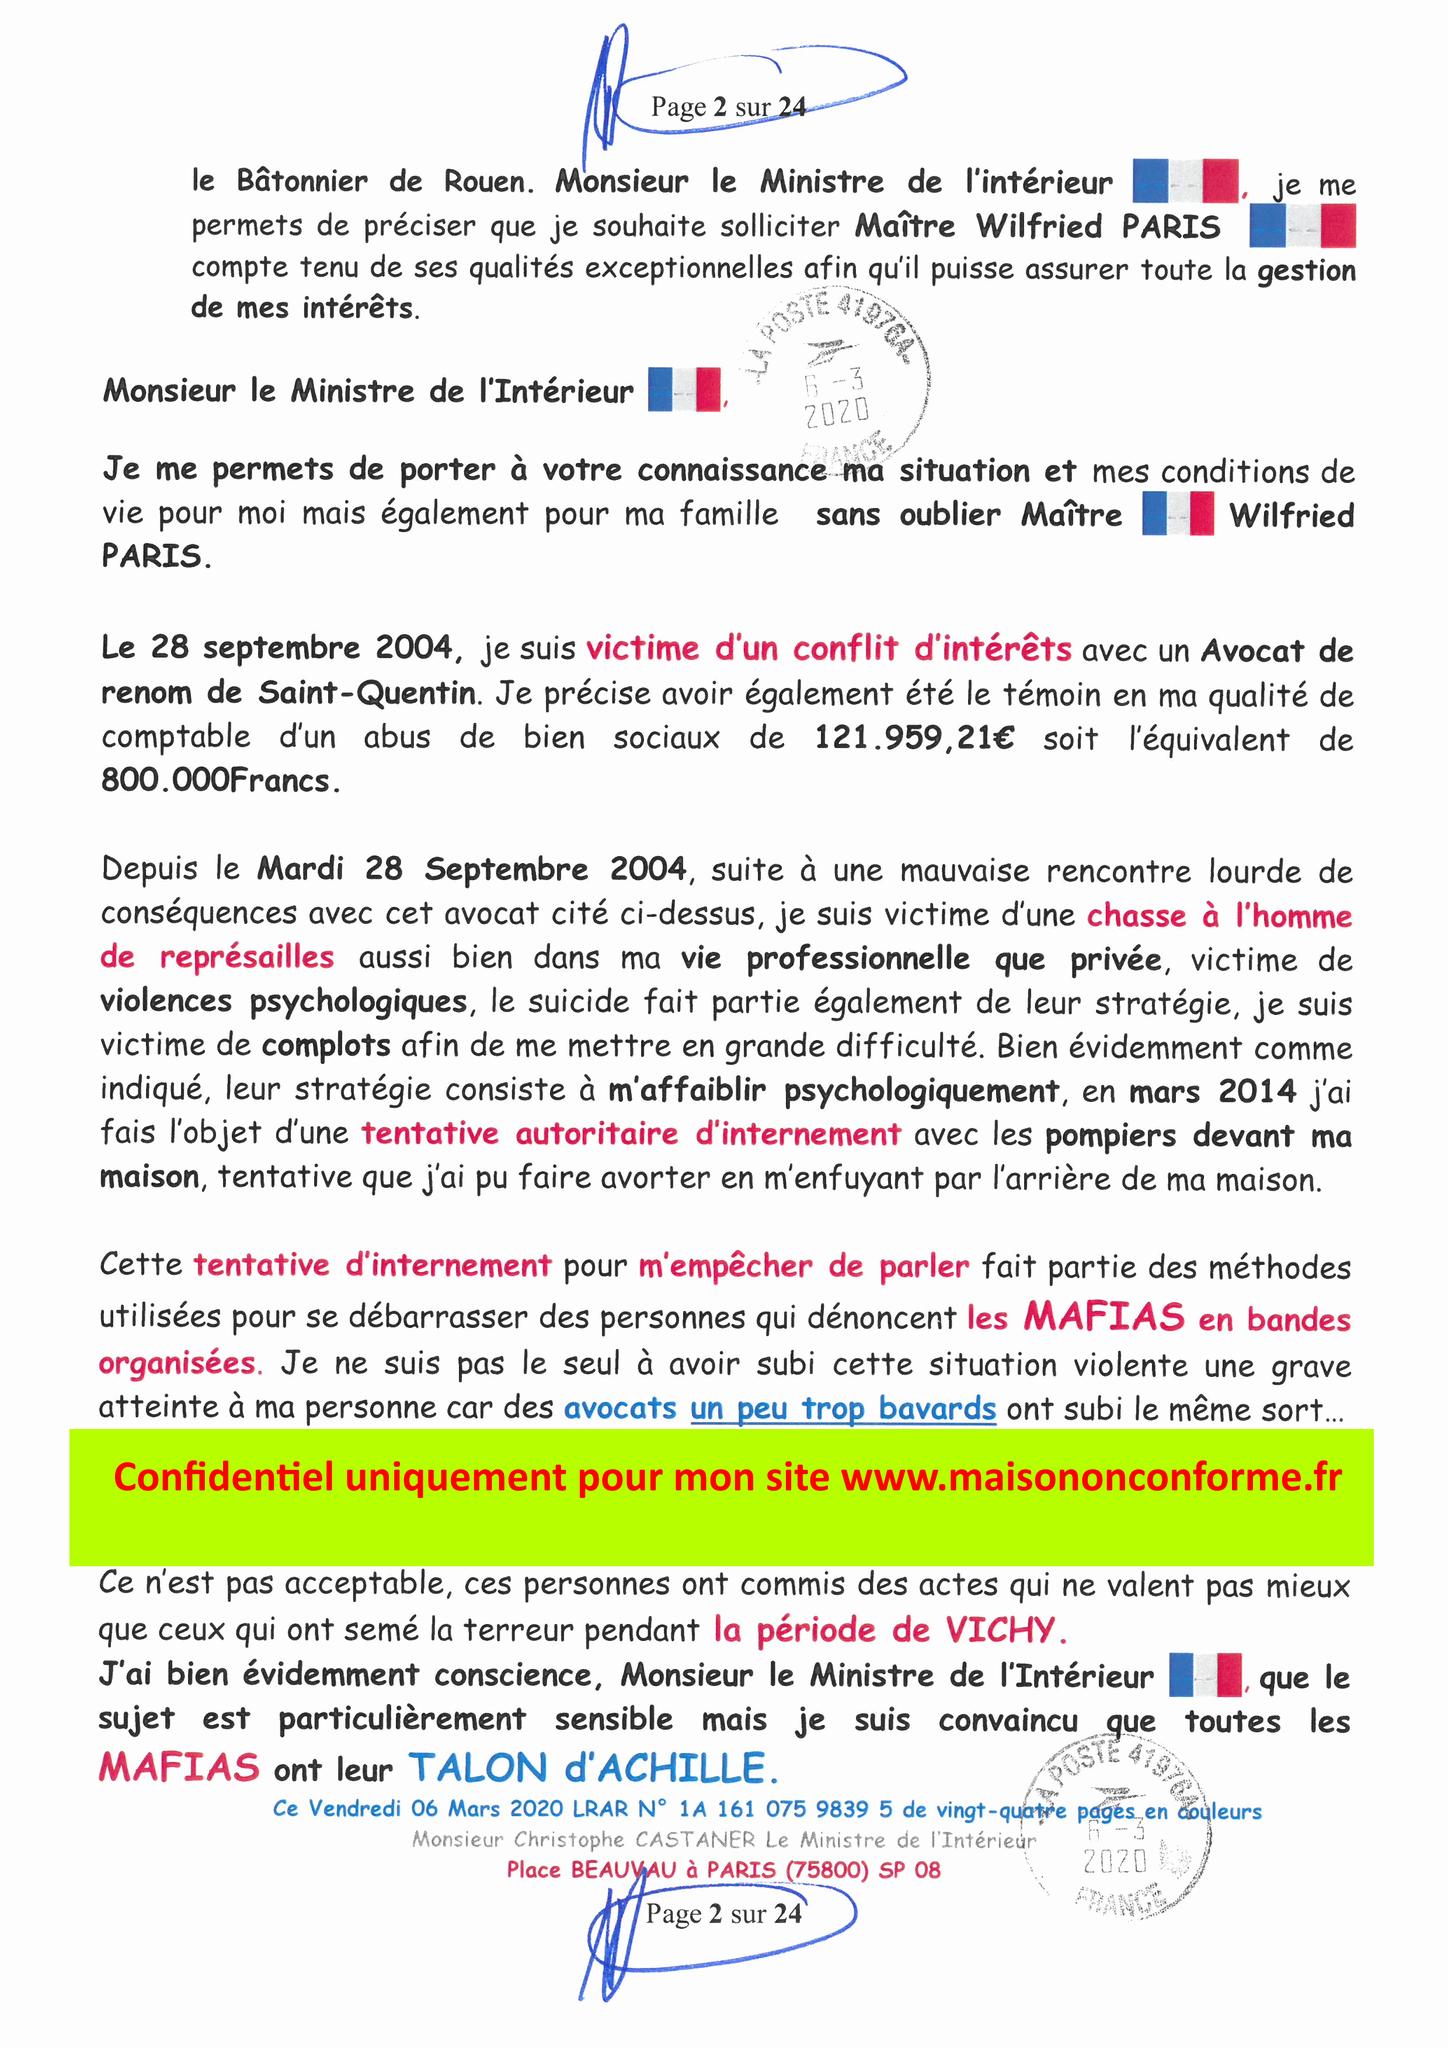 Ma LRAR à Monsieur le Ministre de l'Intérieur Christophe CASTANER N°1A 161 075 9839 5  Page 2 sur 24 en couleur du 06 Mars 2020  www.jesuispatrick.fr www.jesuisvictime.fr www.alerte-rouge-france.fr